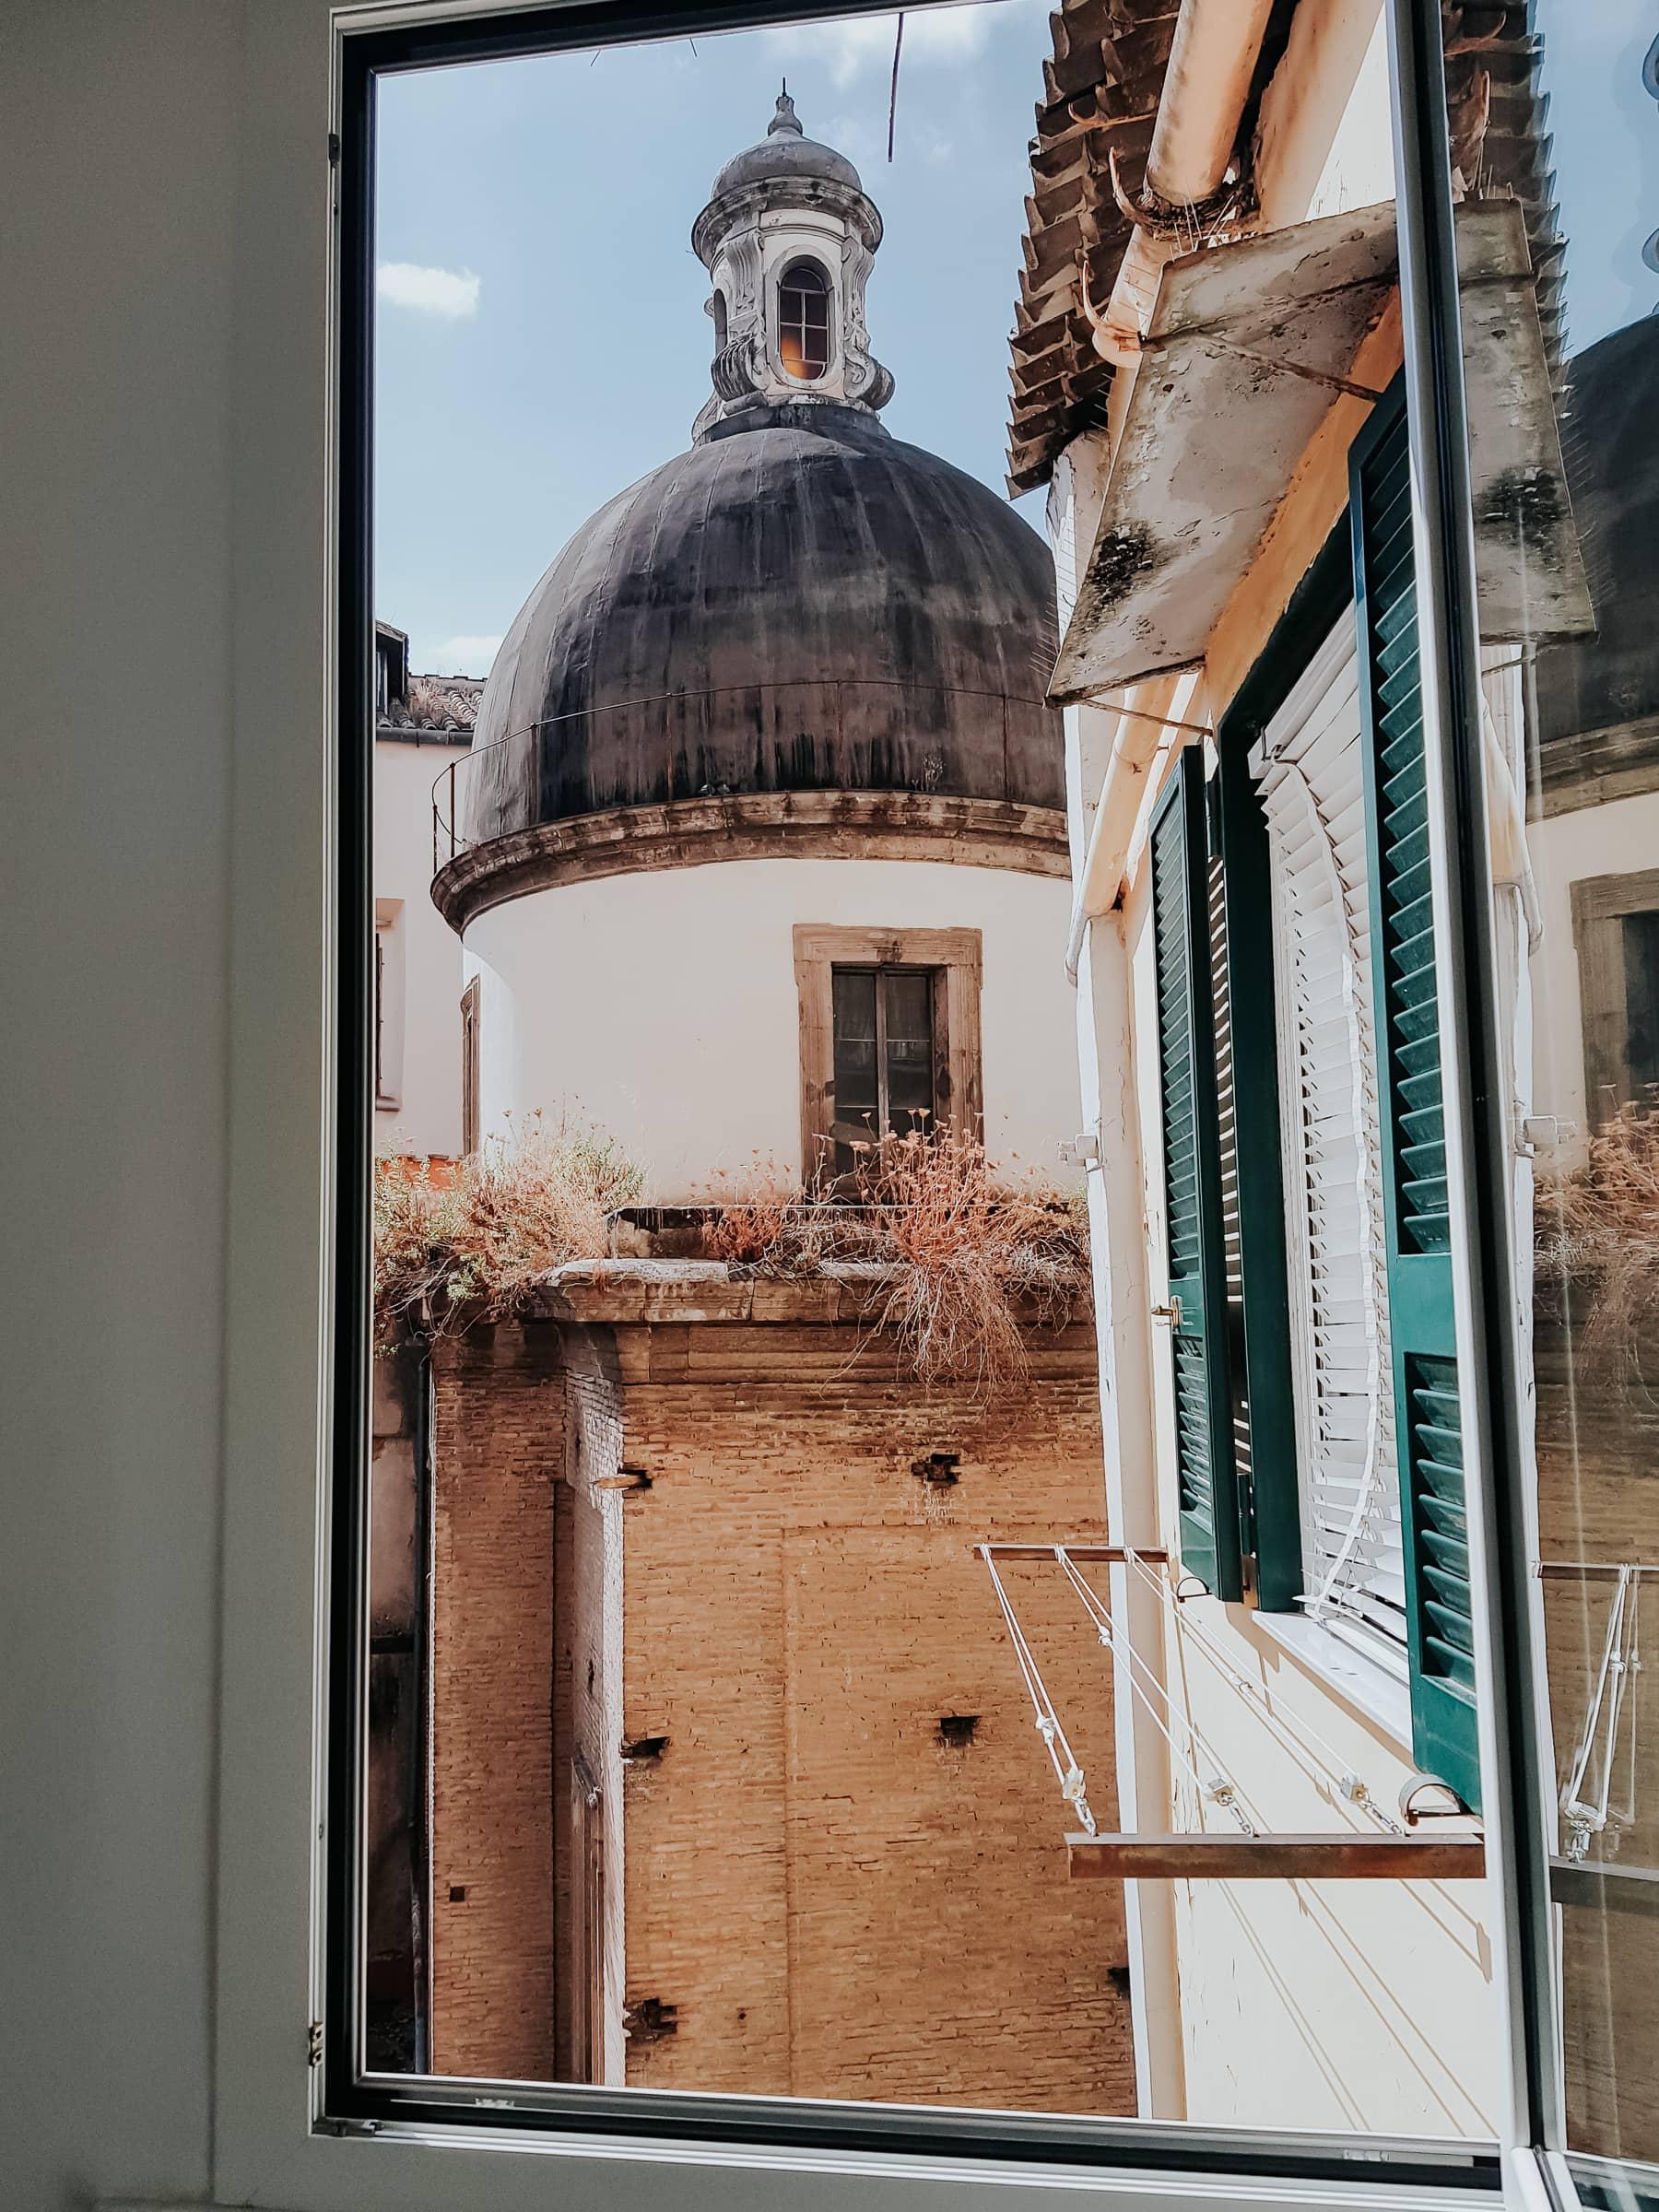 Neapel Sehenswürdigkeiten & Tipps für eine Städtereise 3